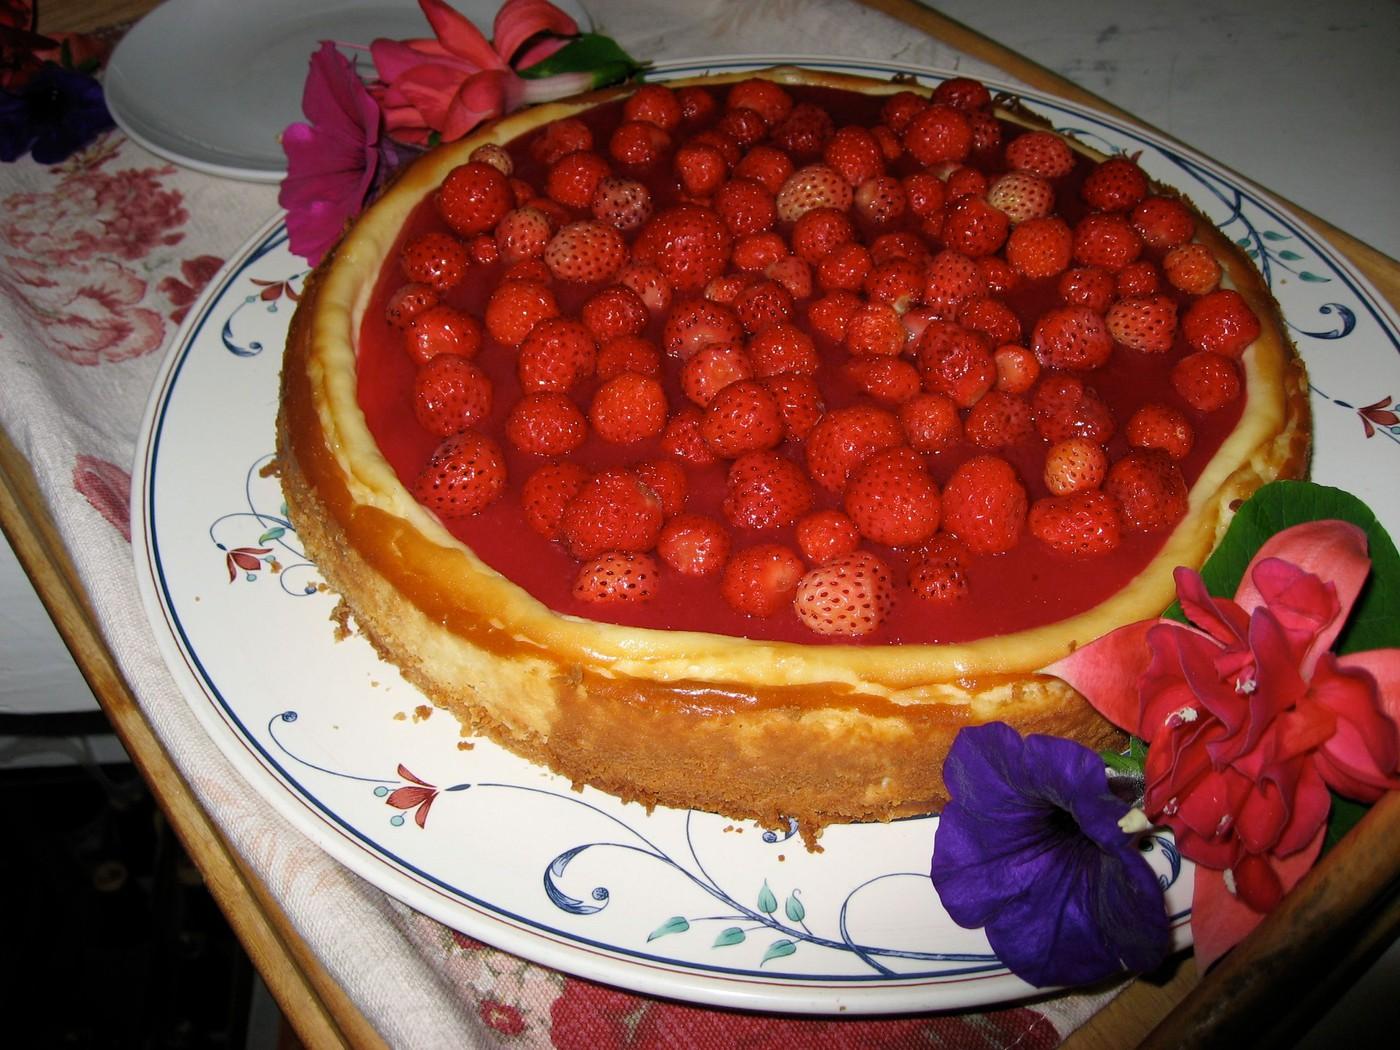 Wild strawberry cheesecake